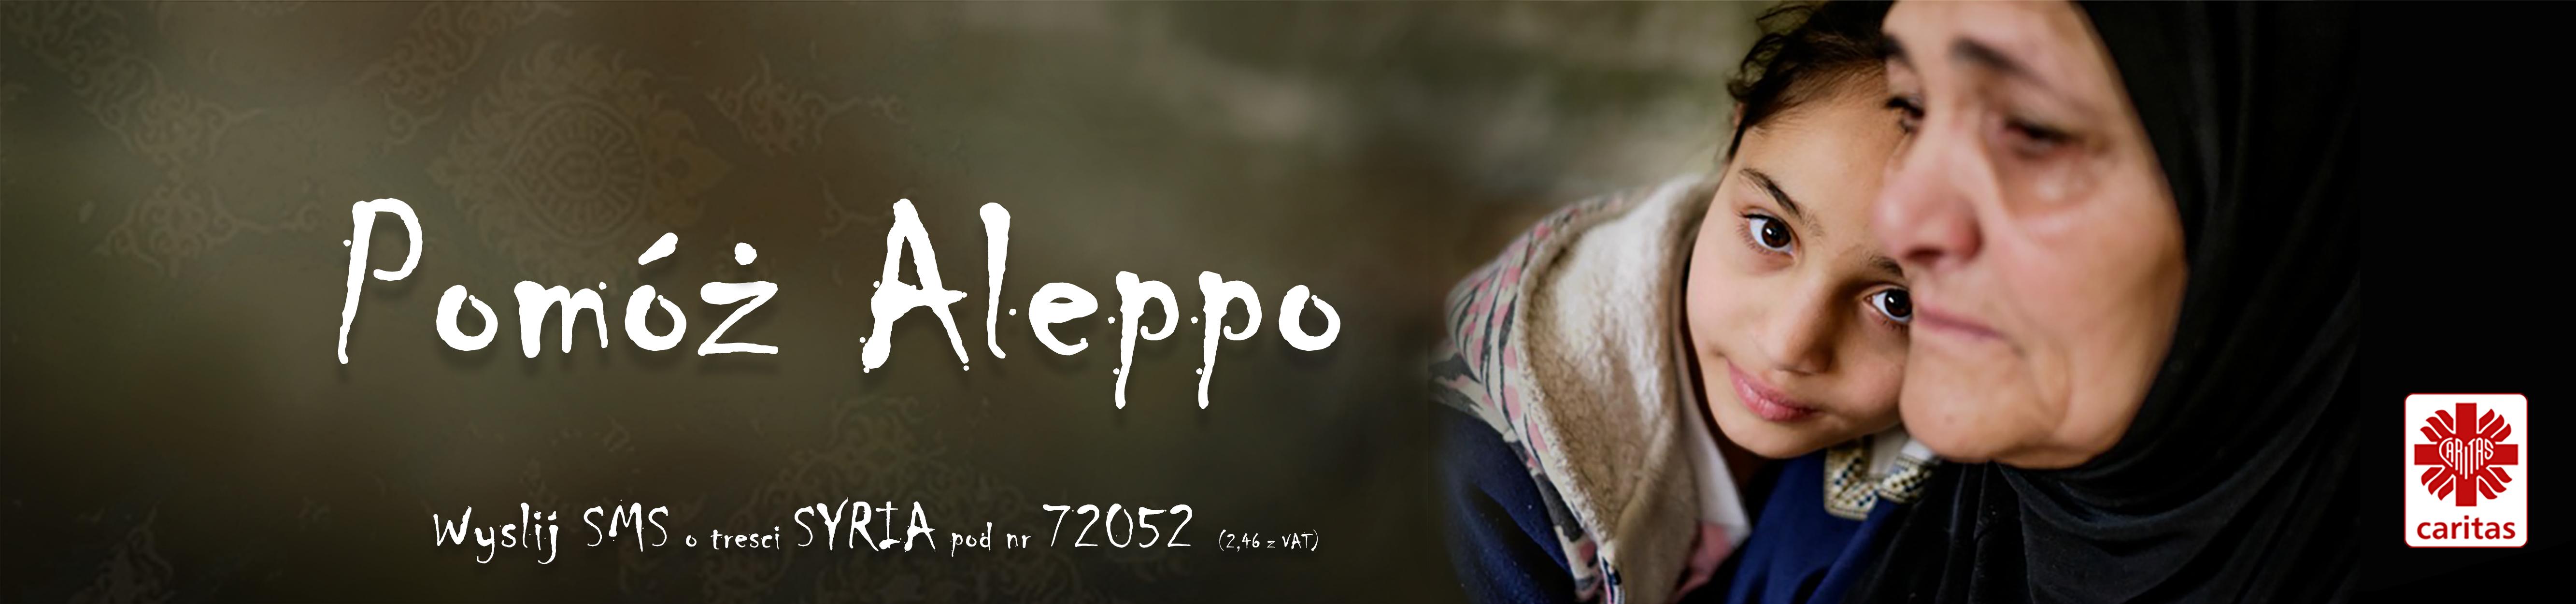 PomozAleppo_banner